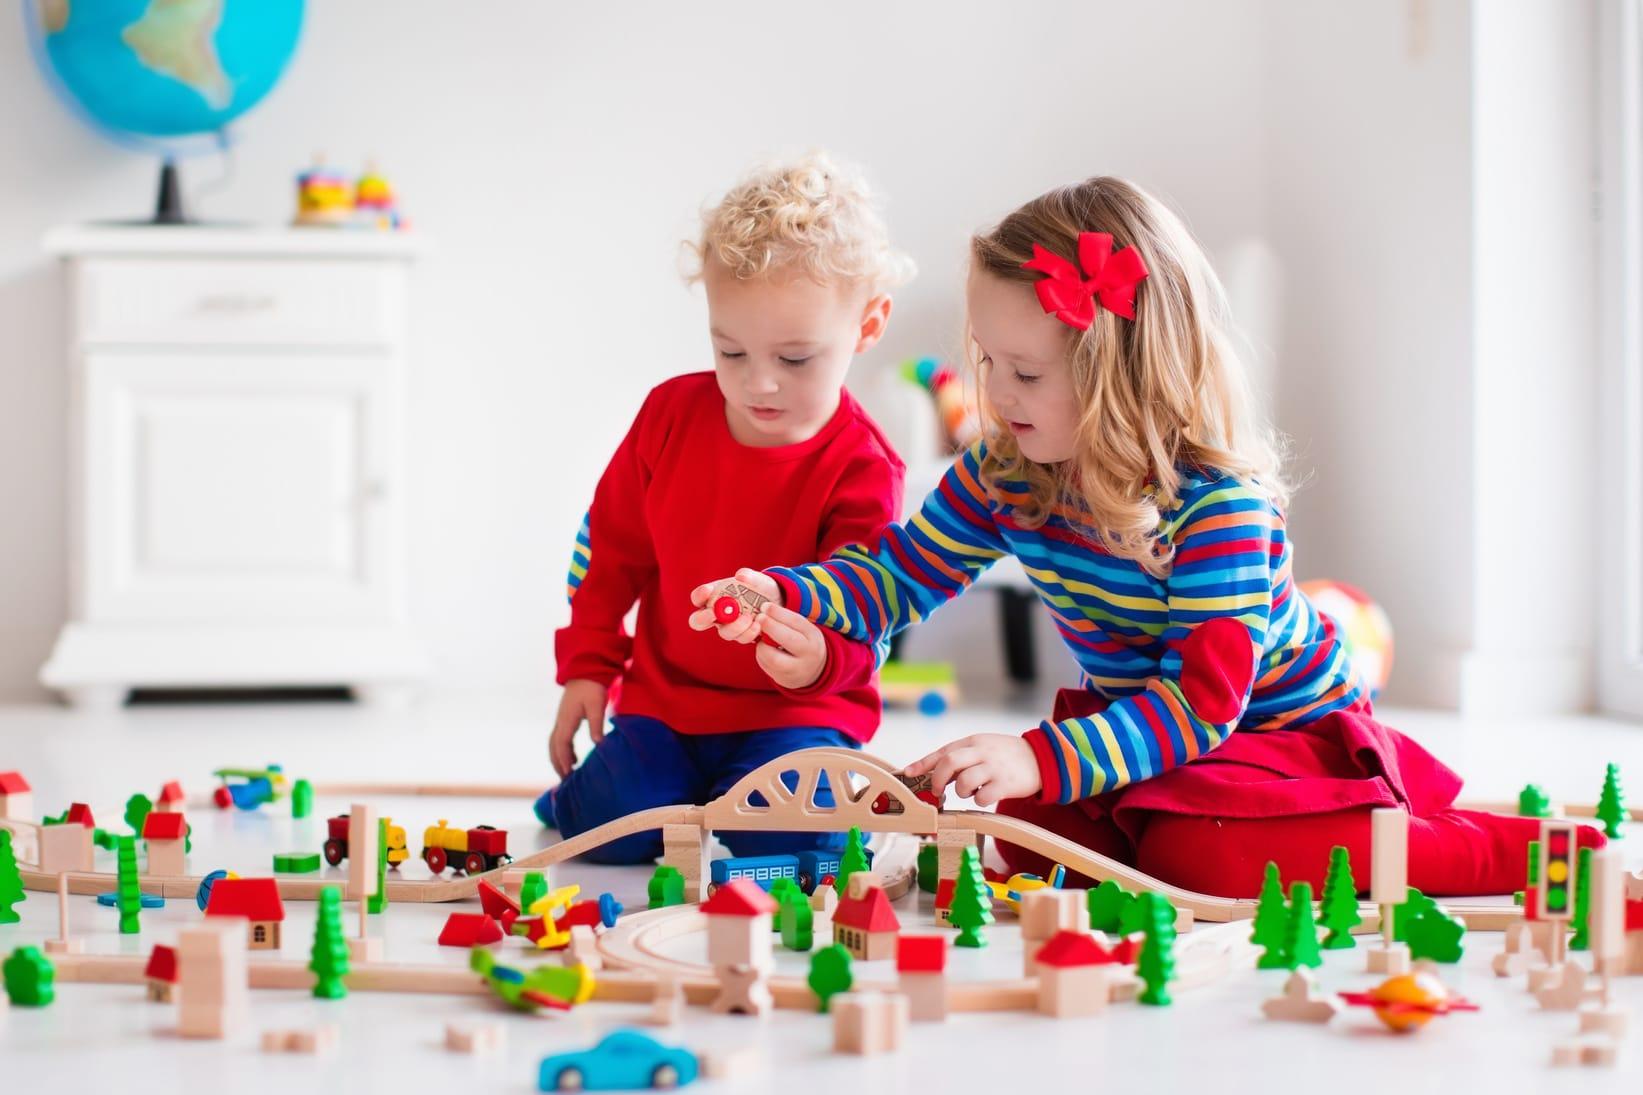 Товары для детей: Советы по выбору